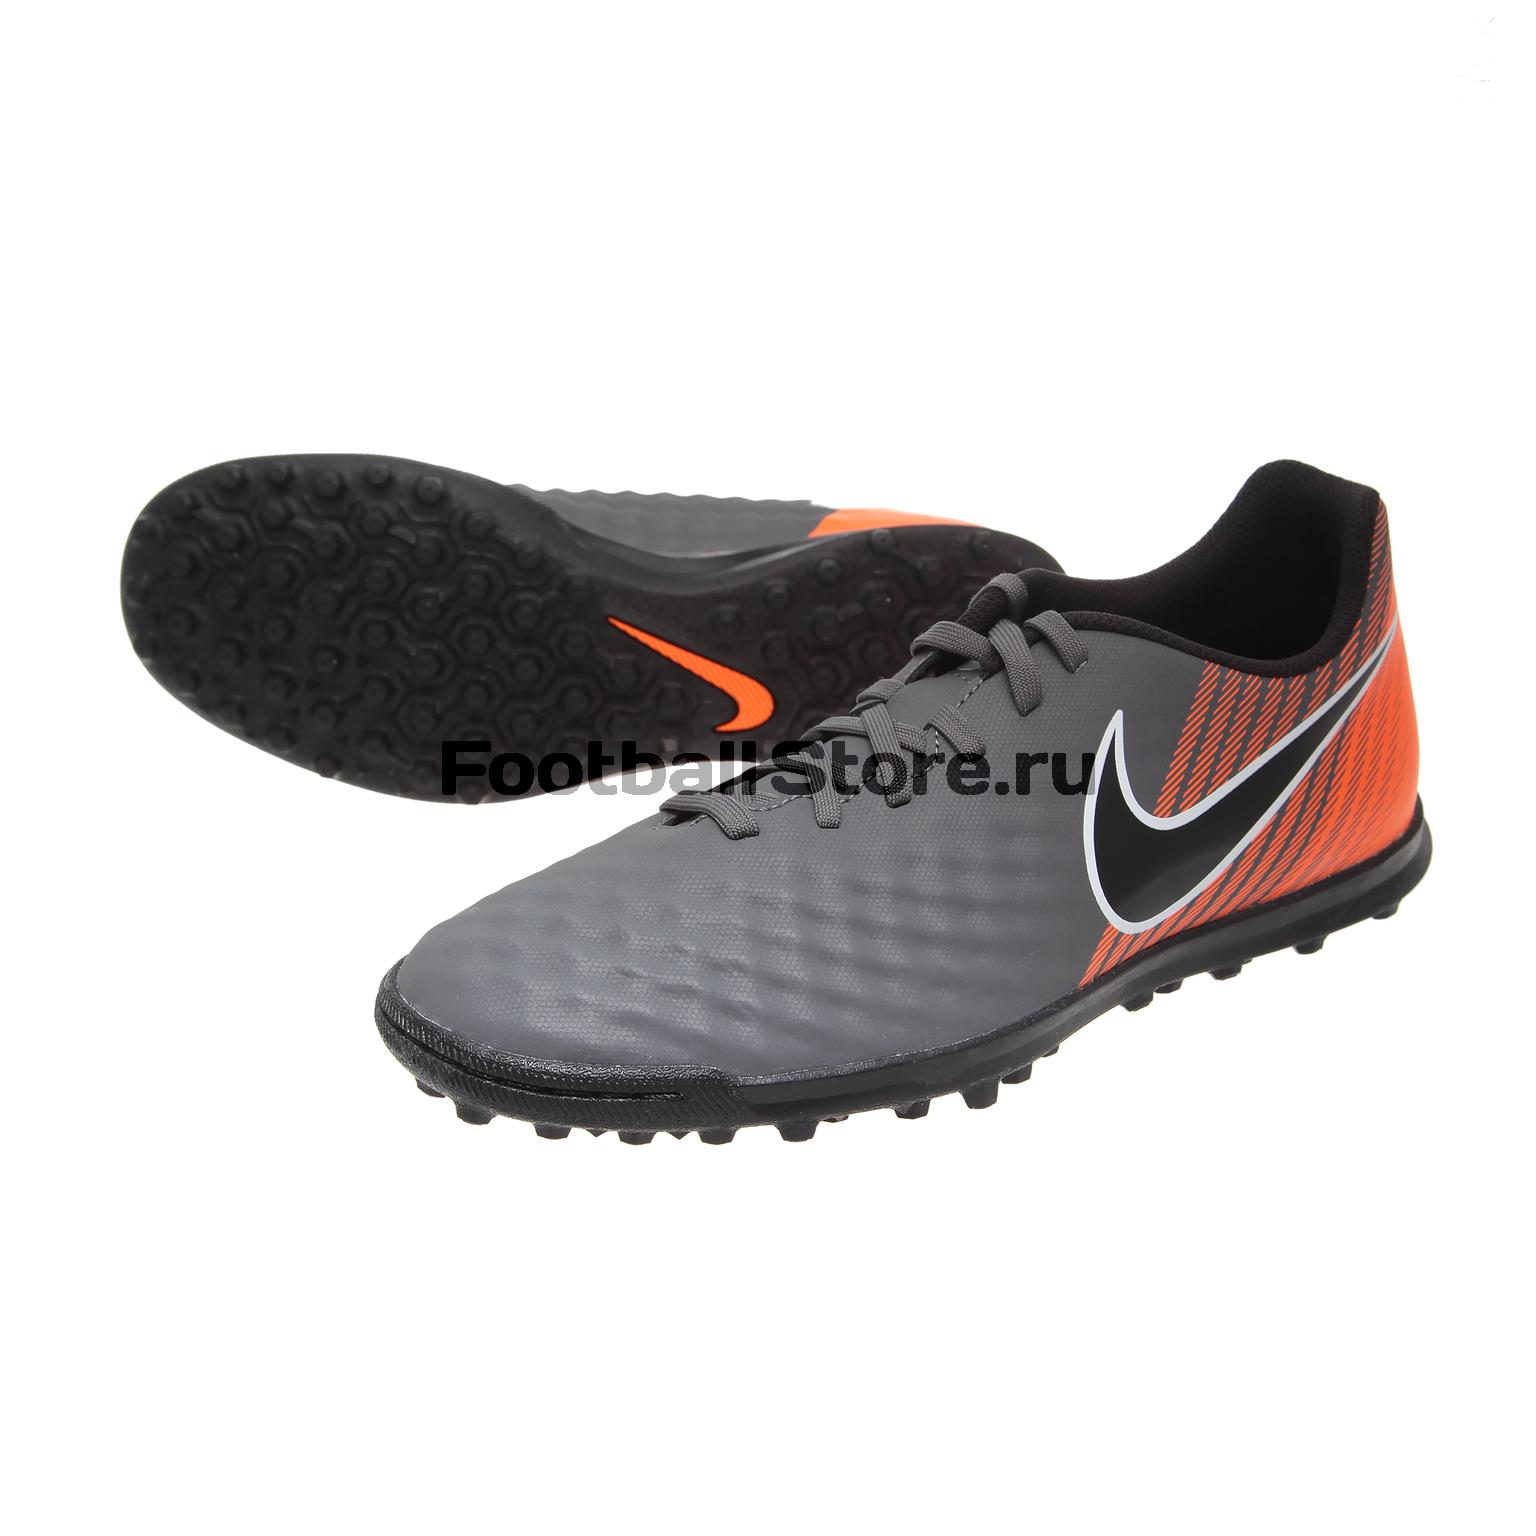 Шиповки Nike ObraX 2 Club TF AH7312-080 шиповки nike lunar legendx 7 pro tf ah7249 080